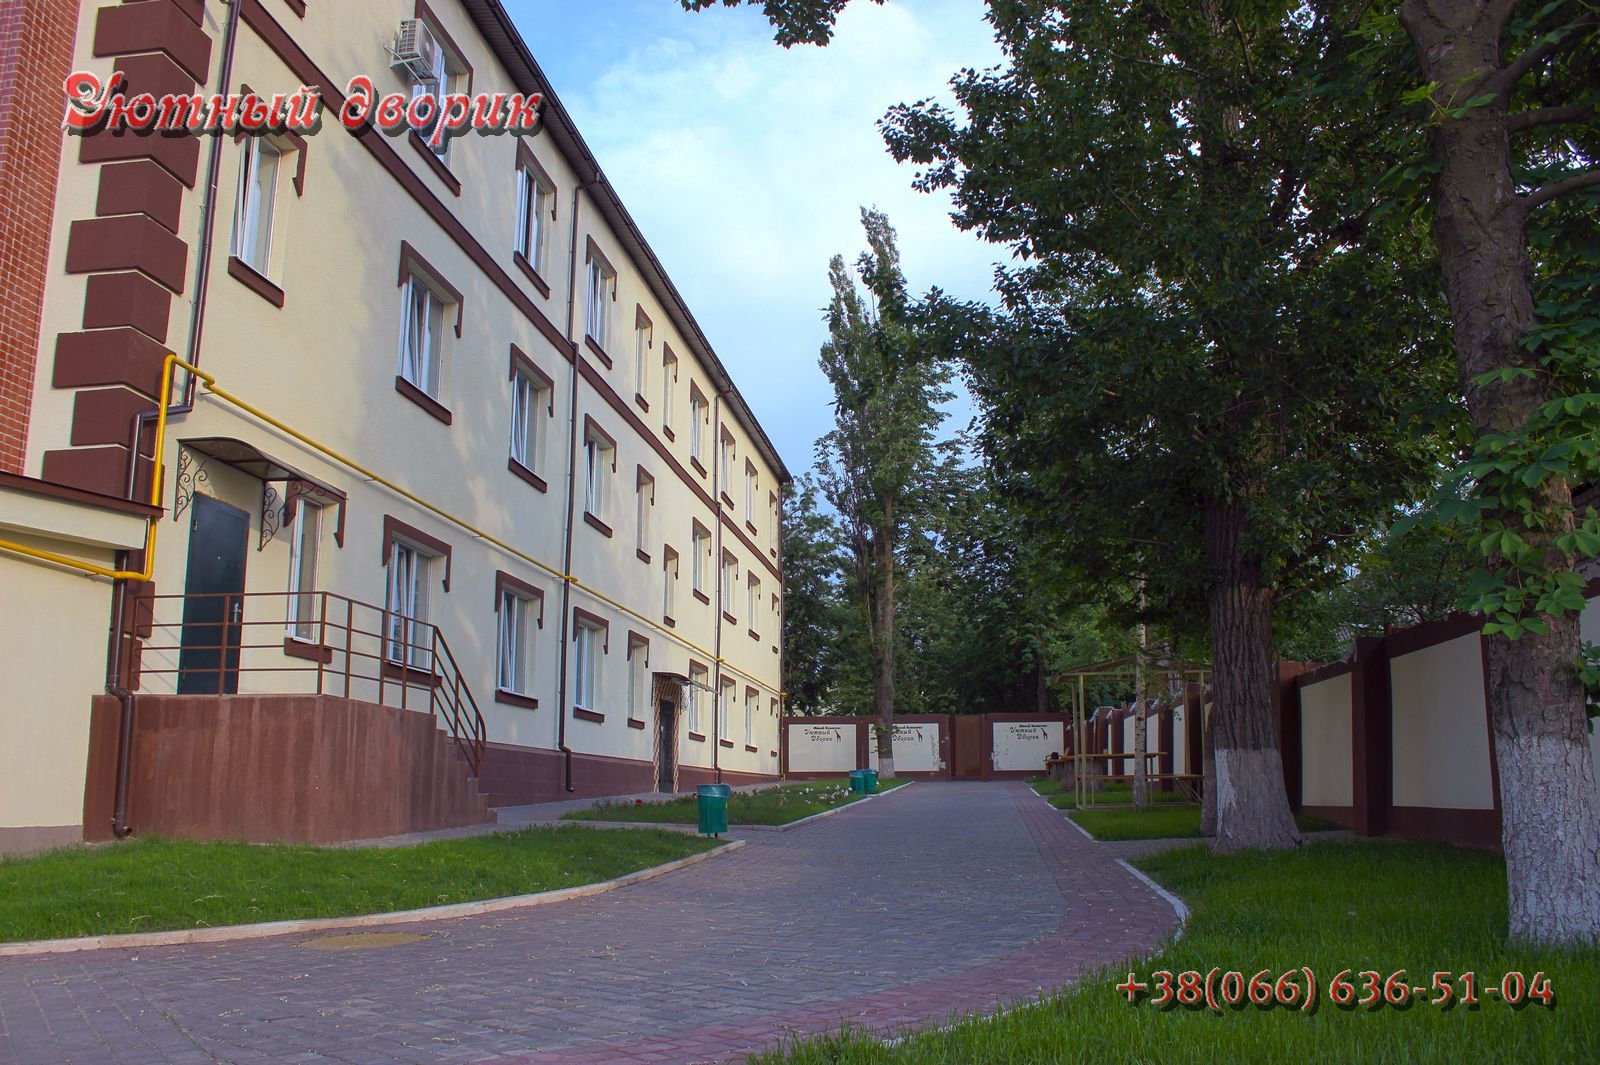 Хайфлет квартира в Харькове